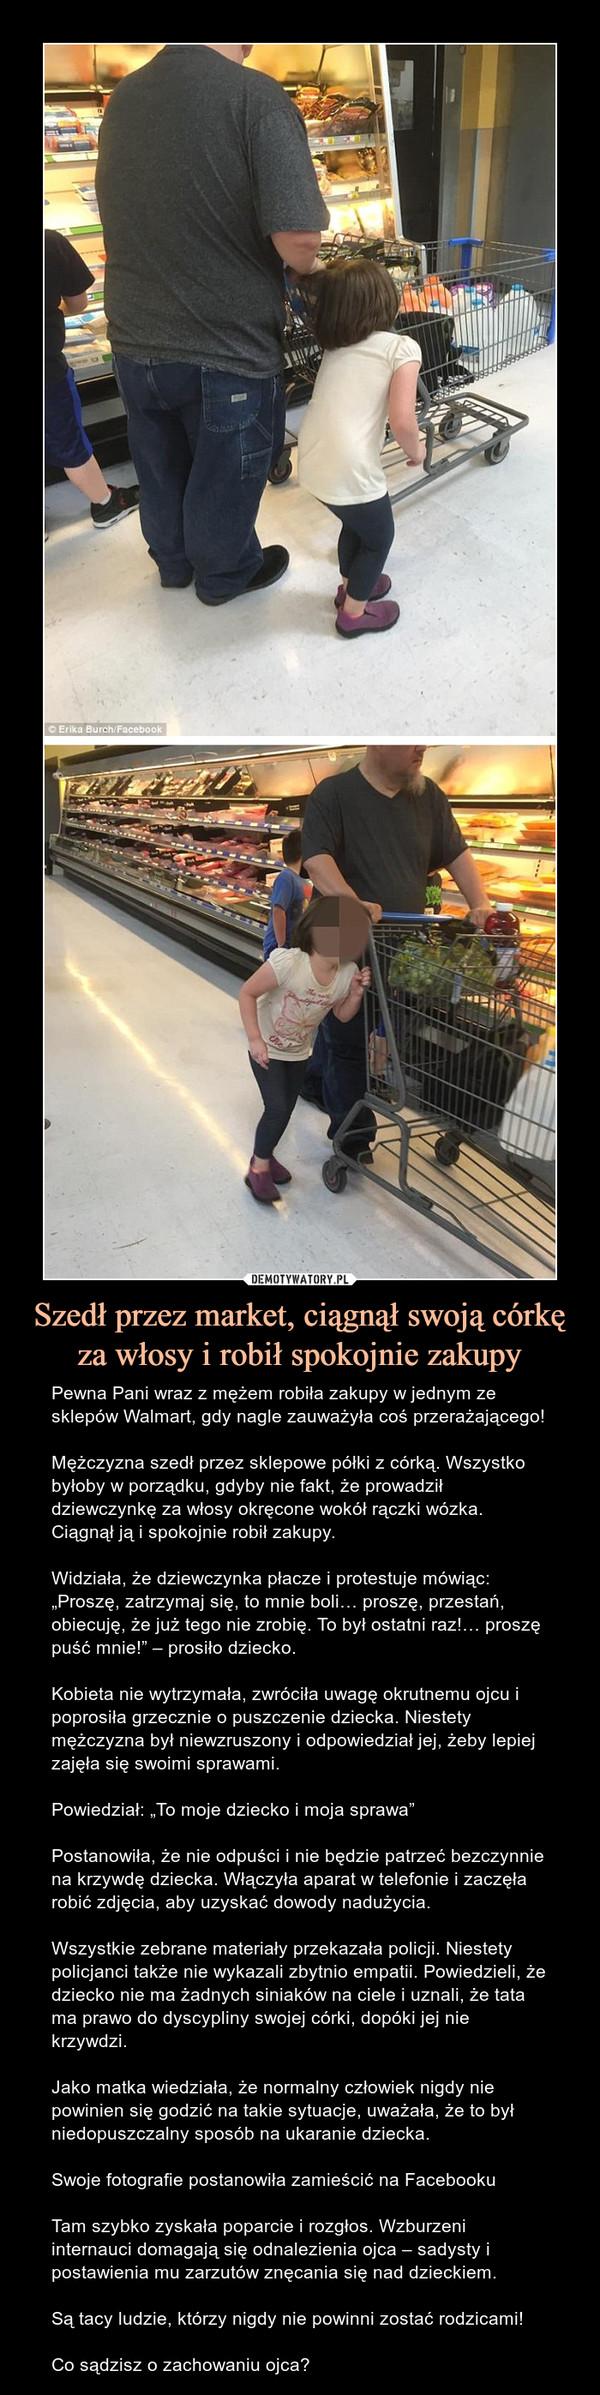 """Szedł przez market, ciągnął swoją córkę za włosy i robił spokojnie zakupy – Pewna Pani wraz z mężem robiła zakupy w jednym ze sklepów Walmart, gdy nagle zauważyła coś przerażającego!Mężczyzna szedł przez sklepowe półki z córką. Wszystko byłoby w porządku, gdyby nie fakt, że prowadził dziewczynkę za włosy okręcone wokół rączki wózka. Ciągnął ją i spokojnie robił zakupy.Widziała, że dziewczynka płacze i protestuje mówiąc: """"Proszę, zatrzymaj się, to mnie boli… proszę, przestań, obiecuję, że już tego nie zrobię. To był ostatni raz!… proszę puść mnie!"""" – prosiło dziecko.Kobieta nie wytrzymała, zwróciła uwagę okrutnemu ojcu i poprosiła grzecznie o puszczenie dziecka. Niestety mężczyzna był niewzruszony i odpowiedział jej, żeby lepiej zajęła się swoimi sprawami.Powiedział: """"To moje dziecko i moja sprawa""""Postanowiła, że nie odpuści i nie będzie patrzeć bezczynnie na krzywdę dziecka. Włączyła aparat w telefonie i zaczęła robić zdjęcia, aby uzyskać dowody nadużycia.Wszystkie zebrane materiały przekazała policji. Niestety policjanci także nie wykazali zbytnio empatii. Powiedzieli, że dziecko nie ma żadnych siniaków na ciele i uznali, że tata ma prawo do dyscypliny swojej córki, dopóki jej nie krzywdzi.Jako matka wiedziała, że normalny człowiek nigdy nie powinien się godzić na takie sytuacje, uważała, że to był niedopuszczalny sposób na ukaranie dziecka.Swoje fotografie postanowiła zamieścić na FacebookuTam szybko zyskała poparcie i rozgłos. Wzburzeni internauci domagają się odnalezienia ojca – sadysty i postawienia mu zarzutów znęcania się nad dzieckiem.Są tacy ludzie, którzy nigdy nie powinni zostać rodzicami!Co sądzisz o zachowaniu ojca?"""